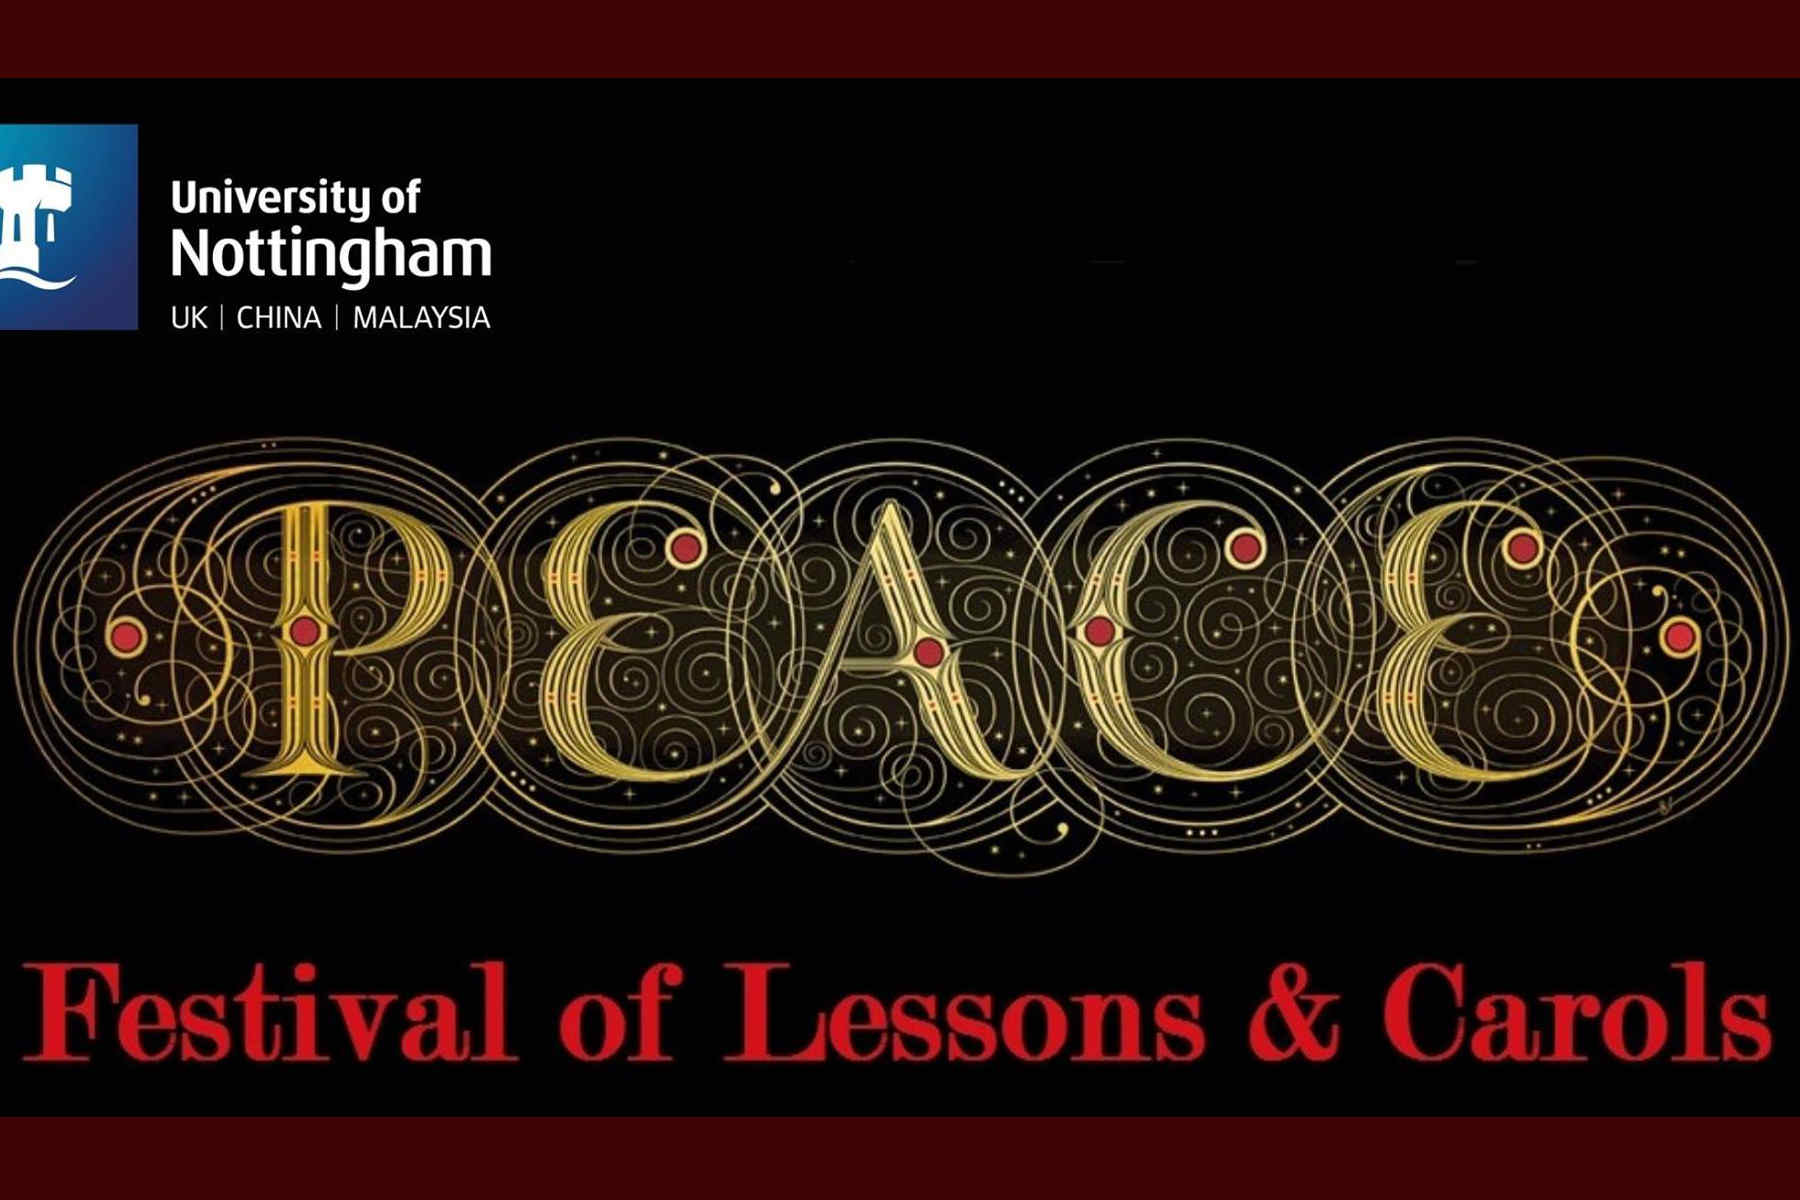 University of Nottingham Online Festival of Lessons & Carols Wednesday 16th December 7pm